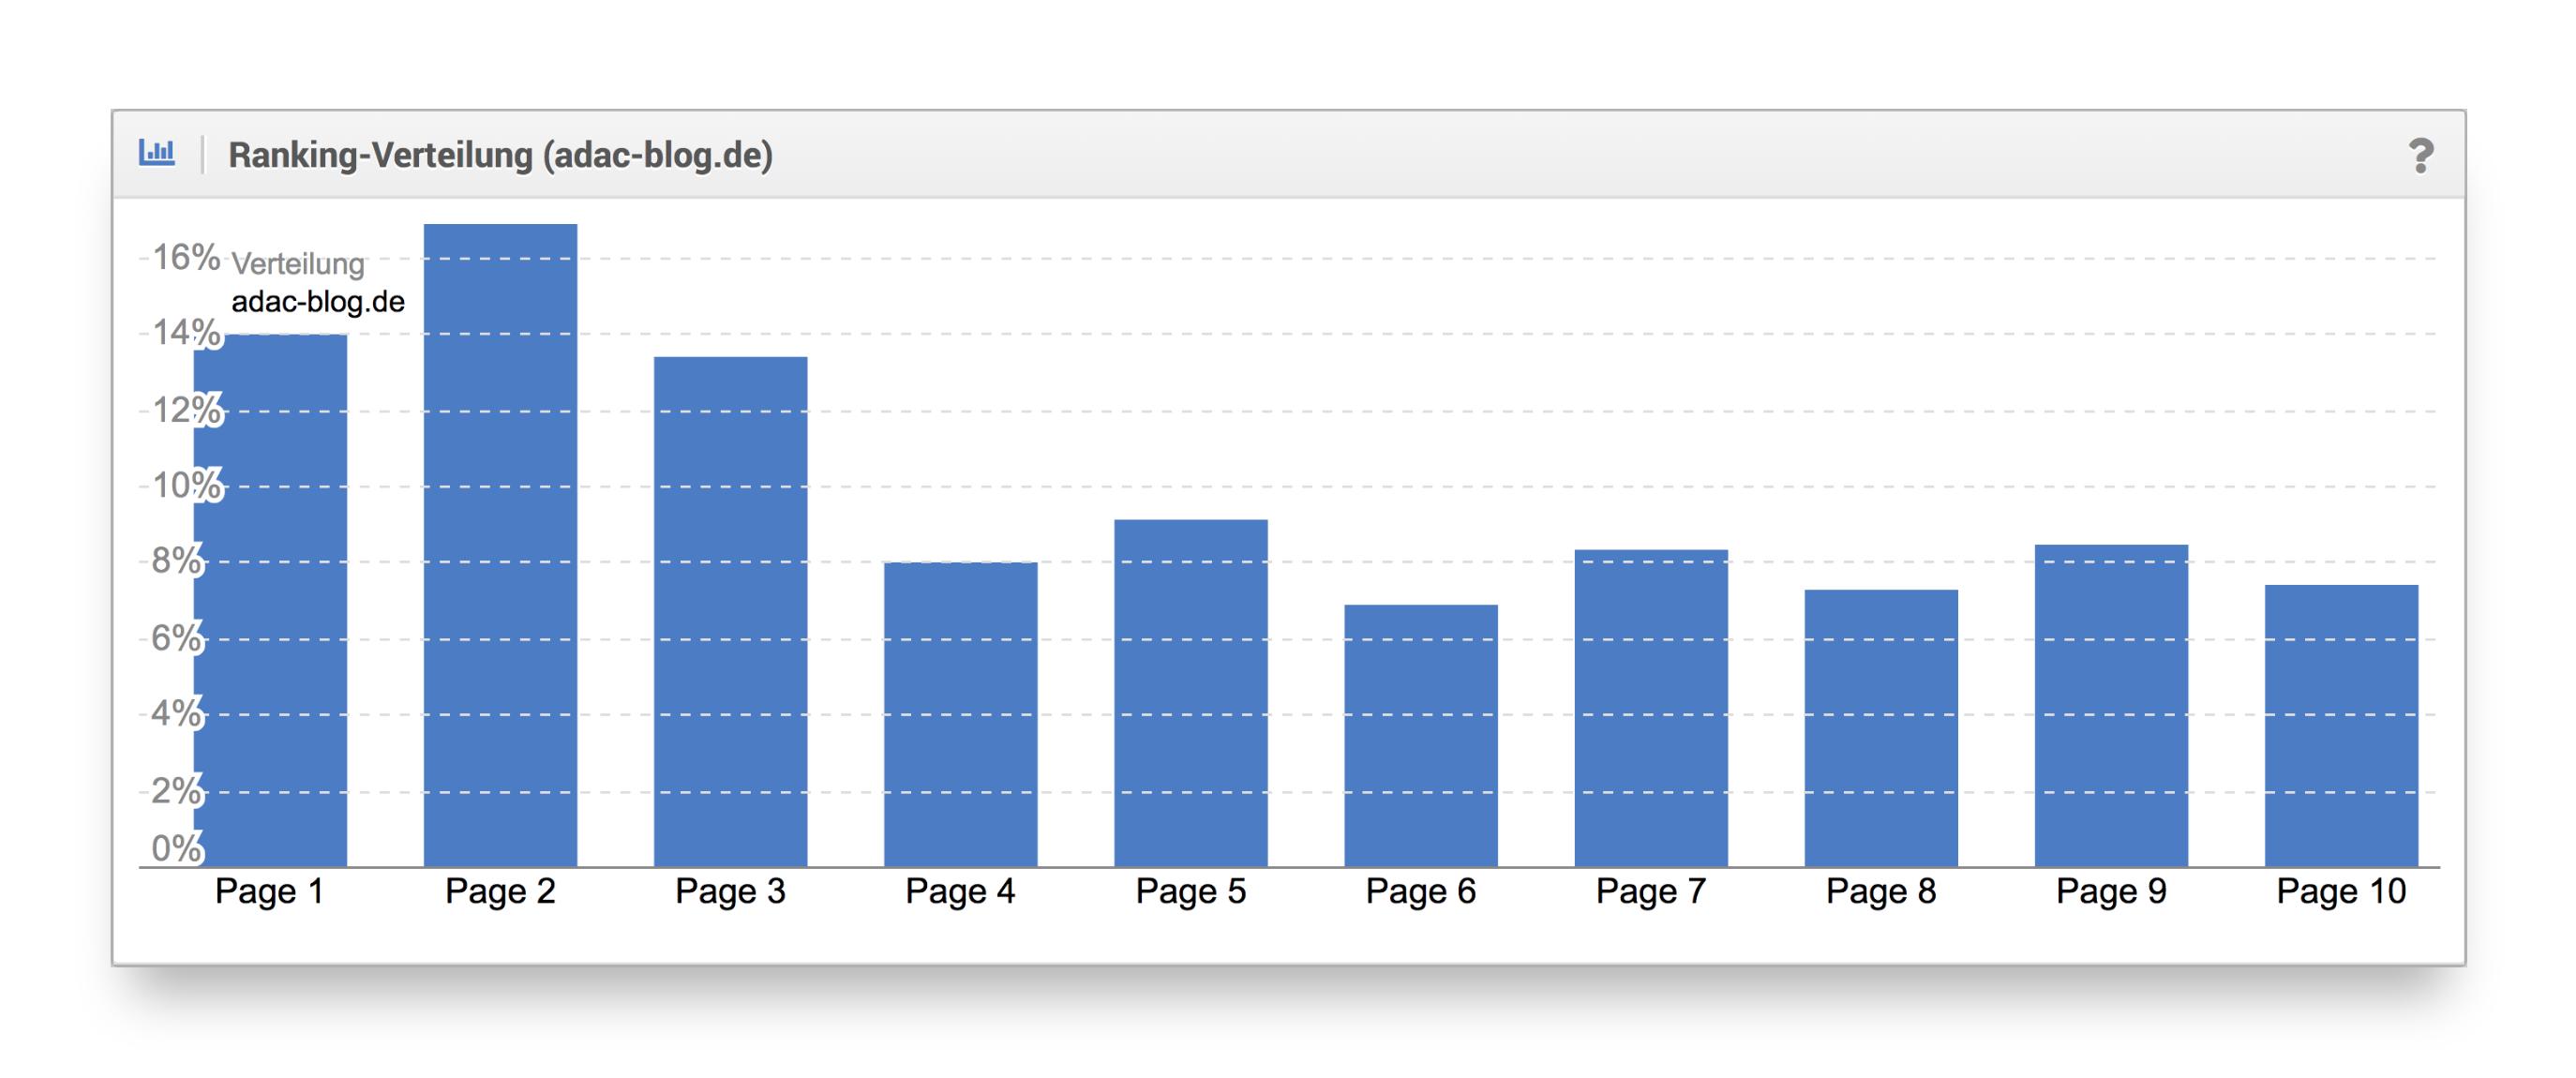 Ranking-Verteilung ADAC-Blog